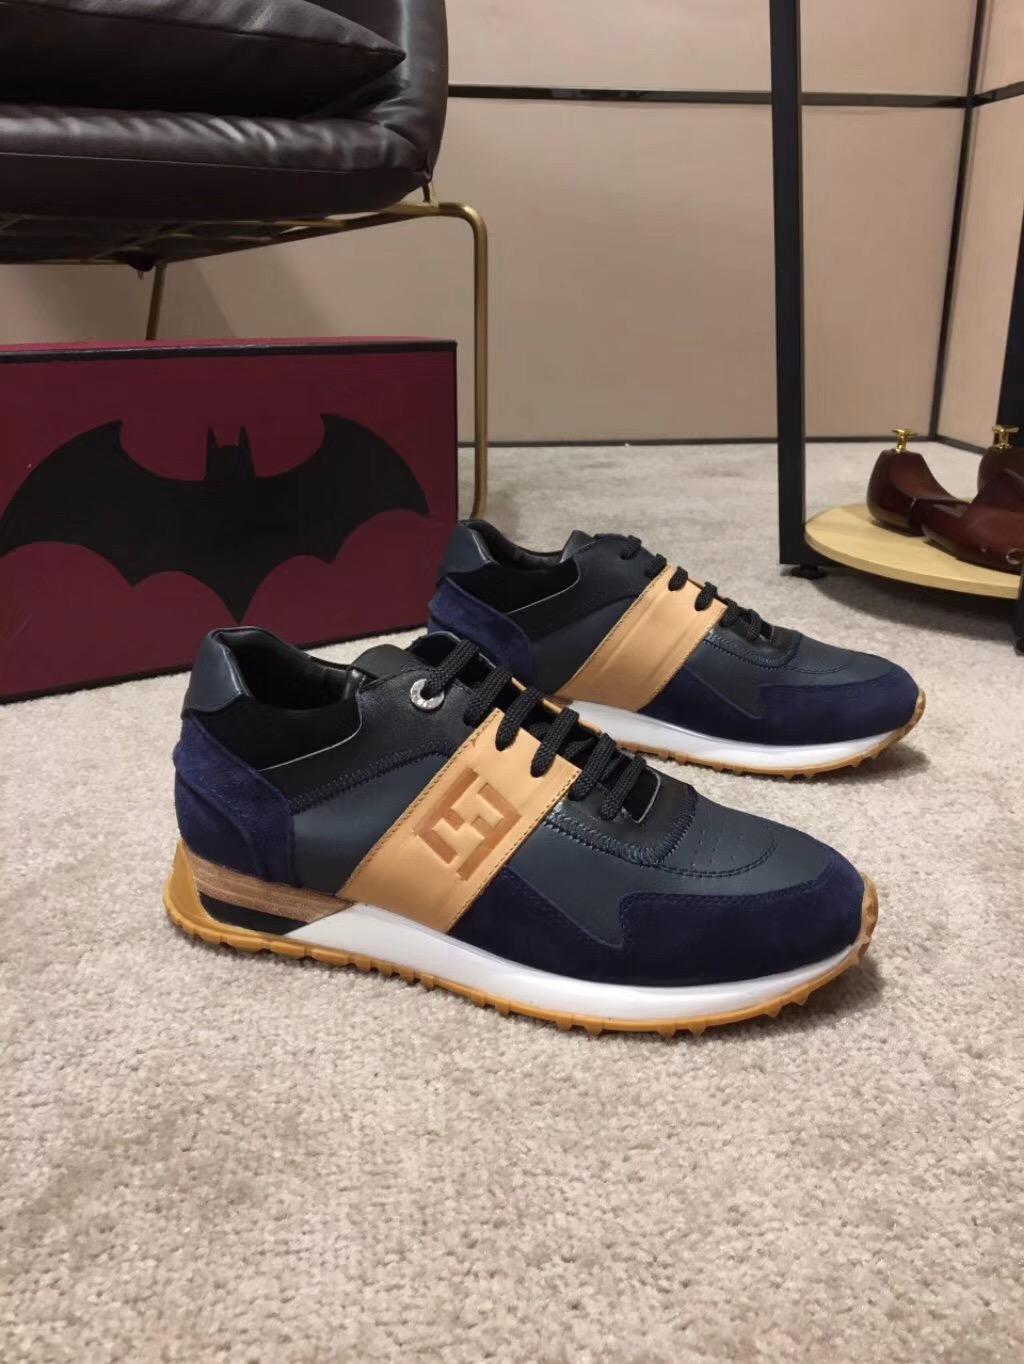 フェンディ メンズ 靴 超スーパーコピー 通販信用できる 代金引換国内